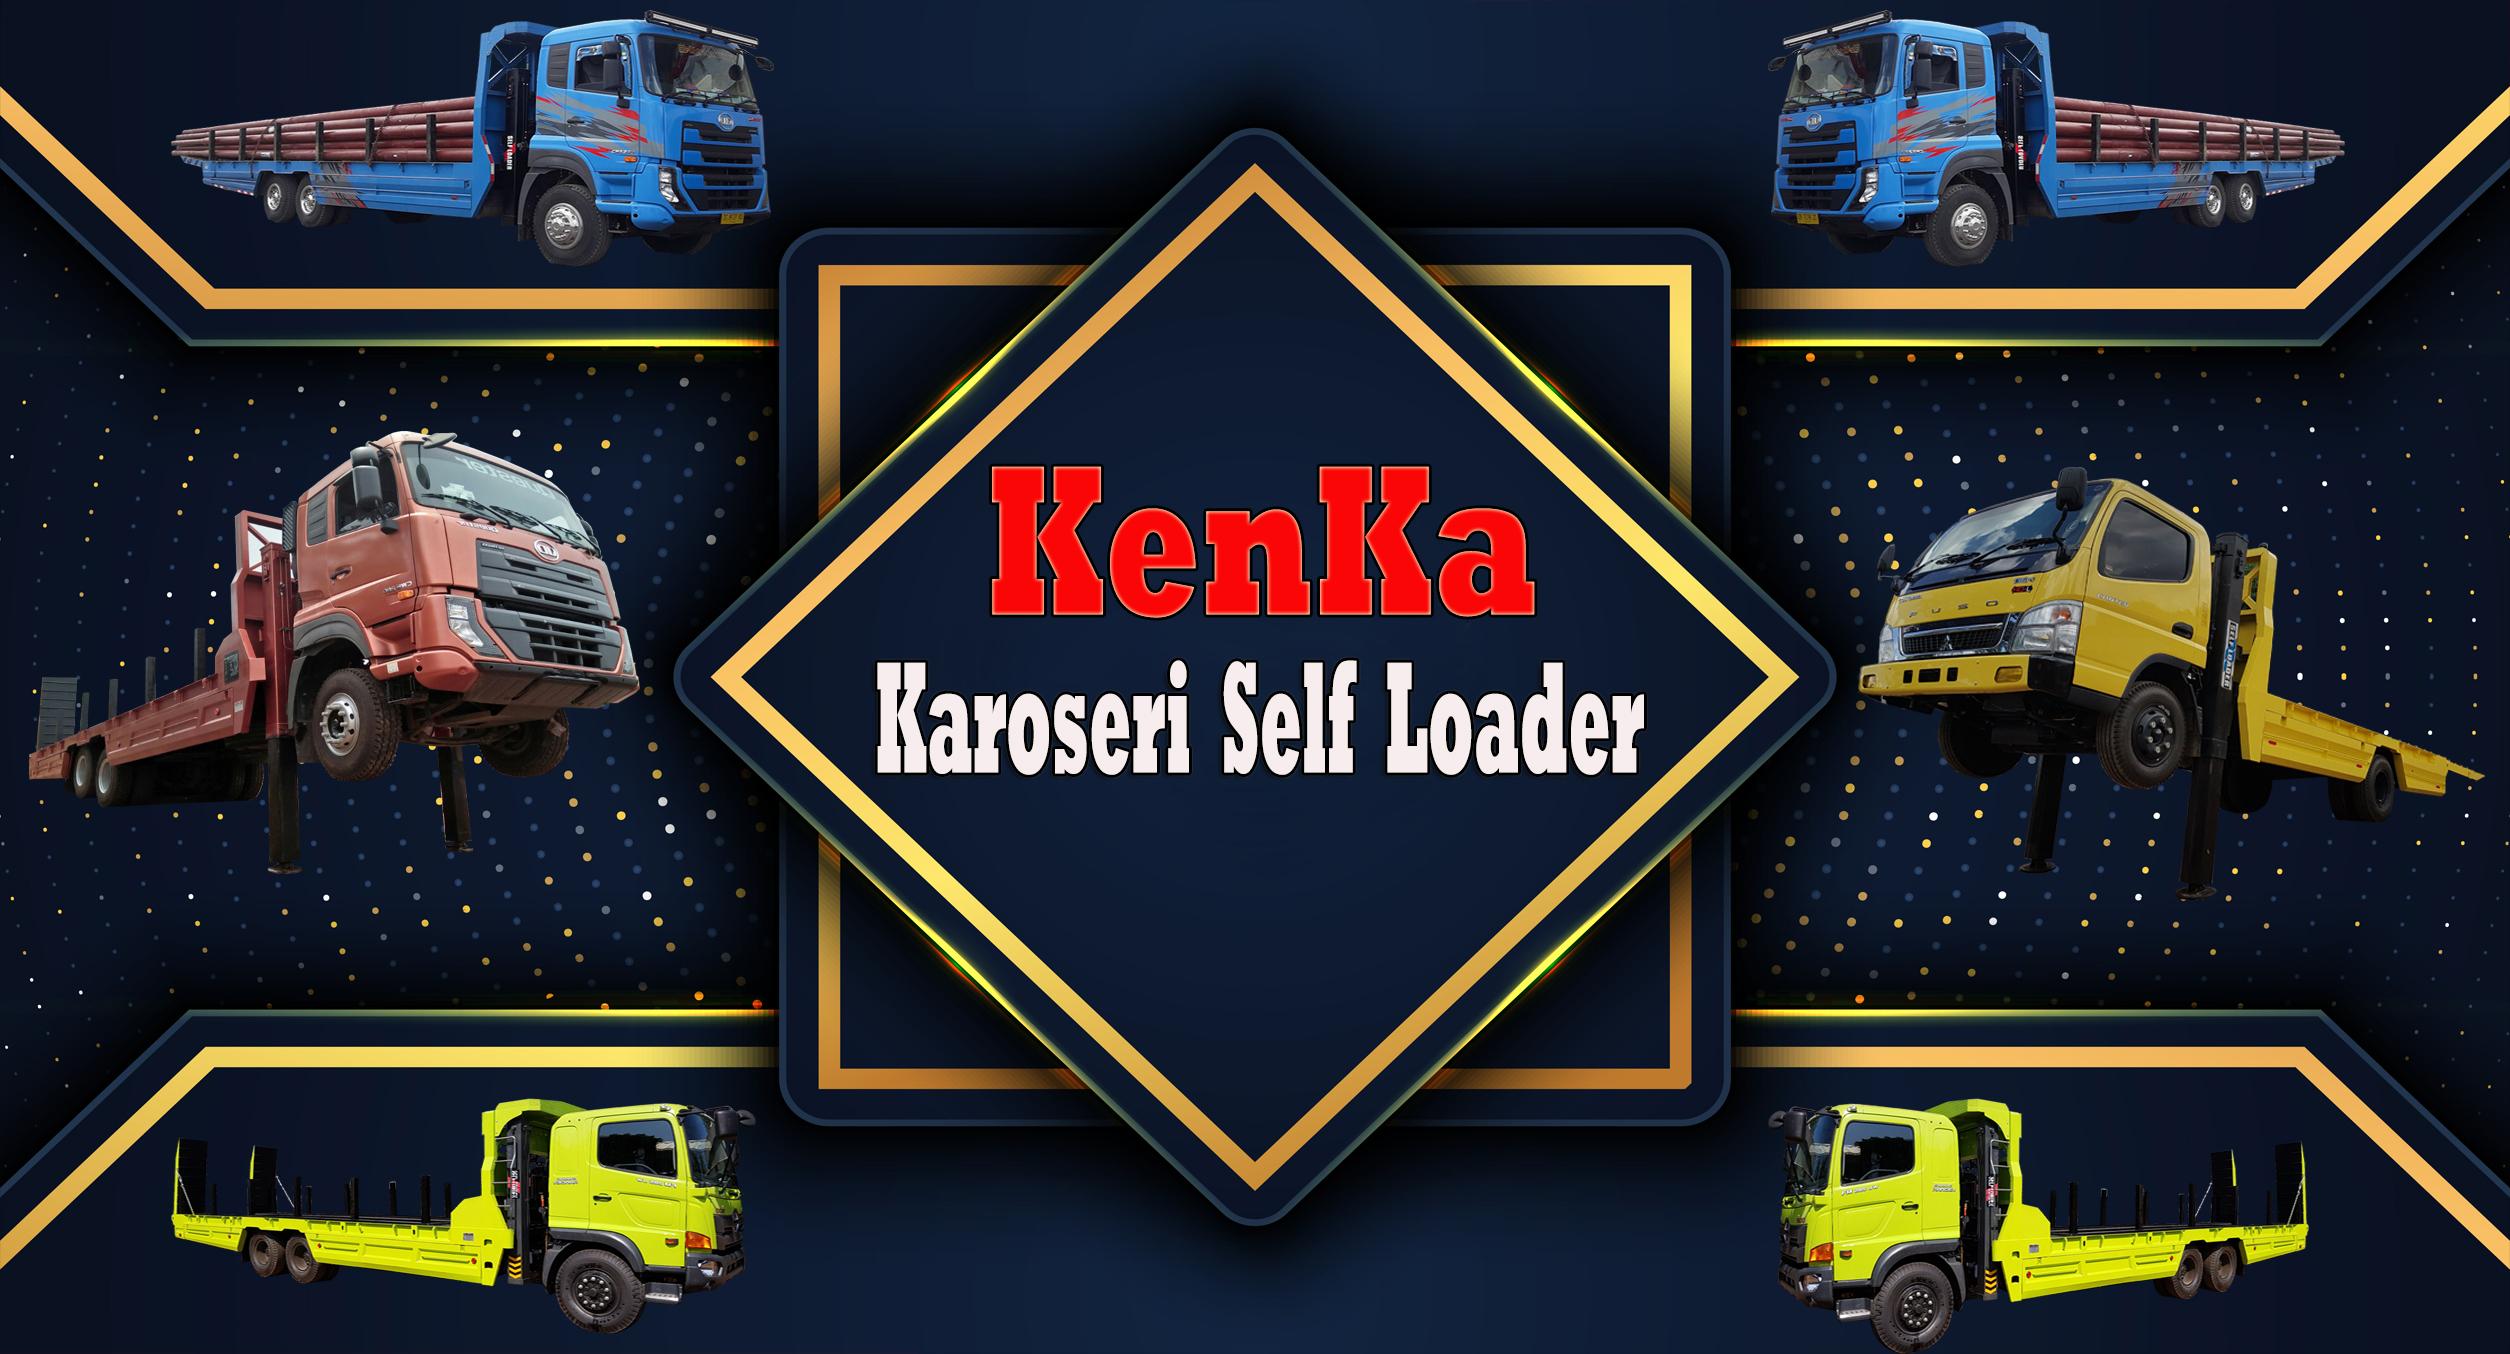 Karoseri Self Loader